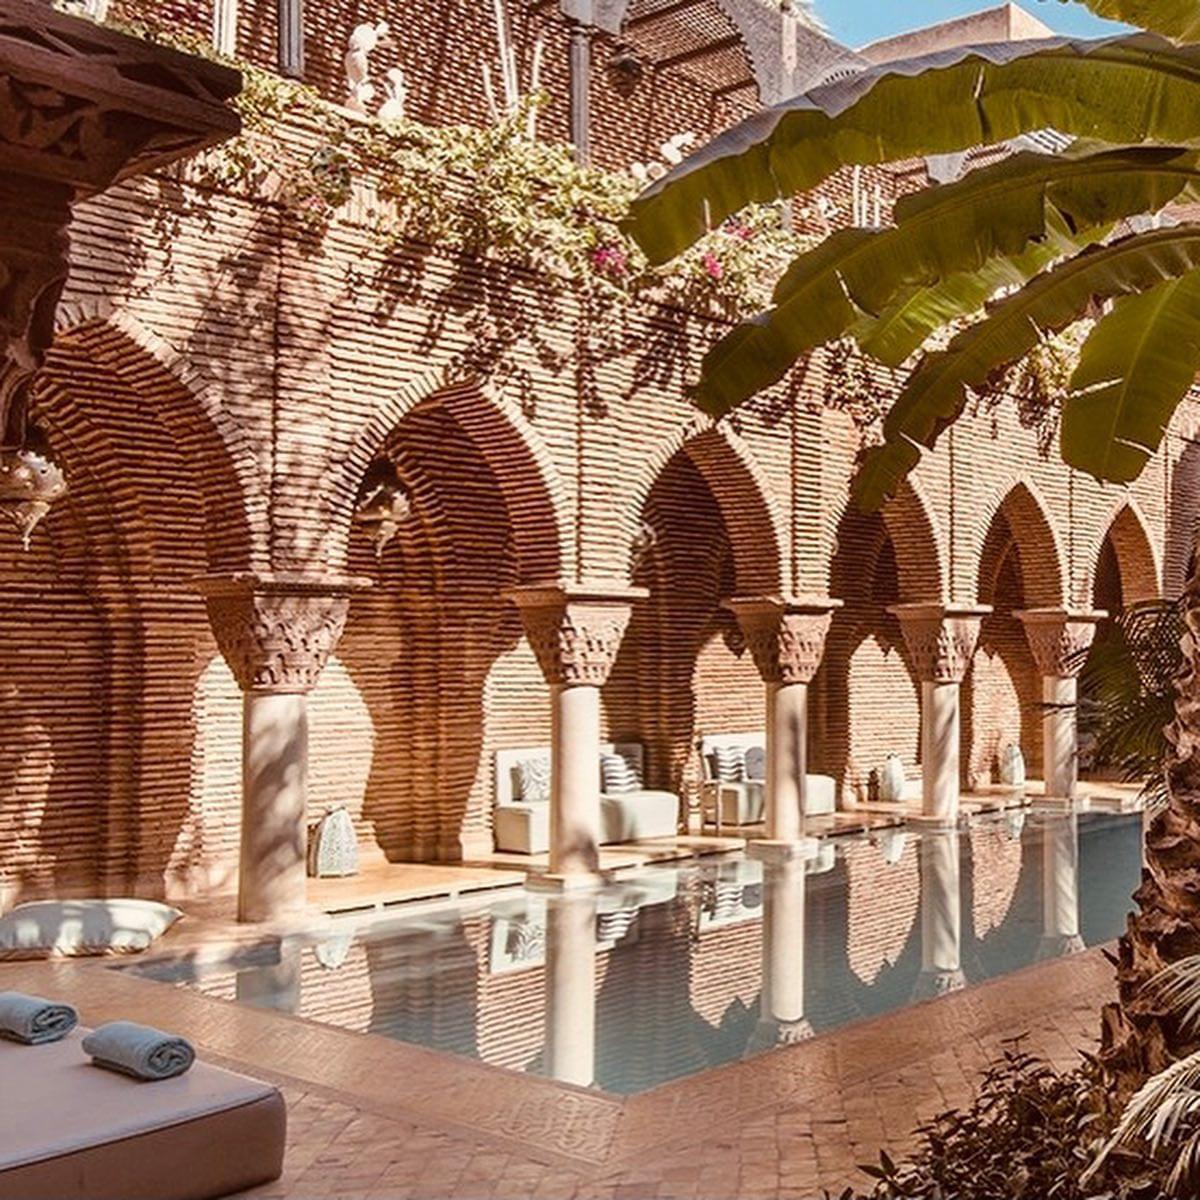 unik hotels and travels